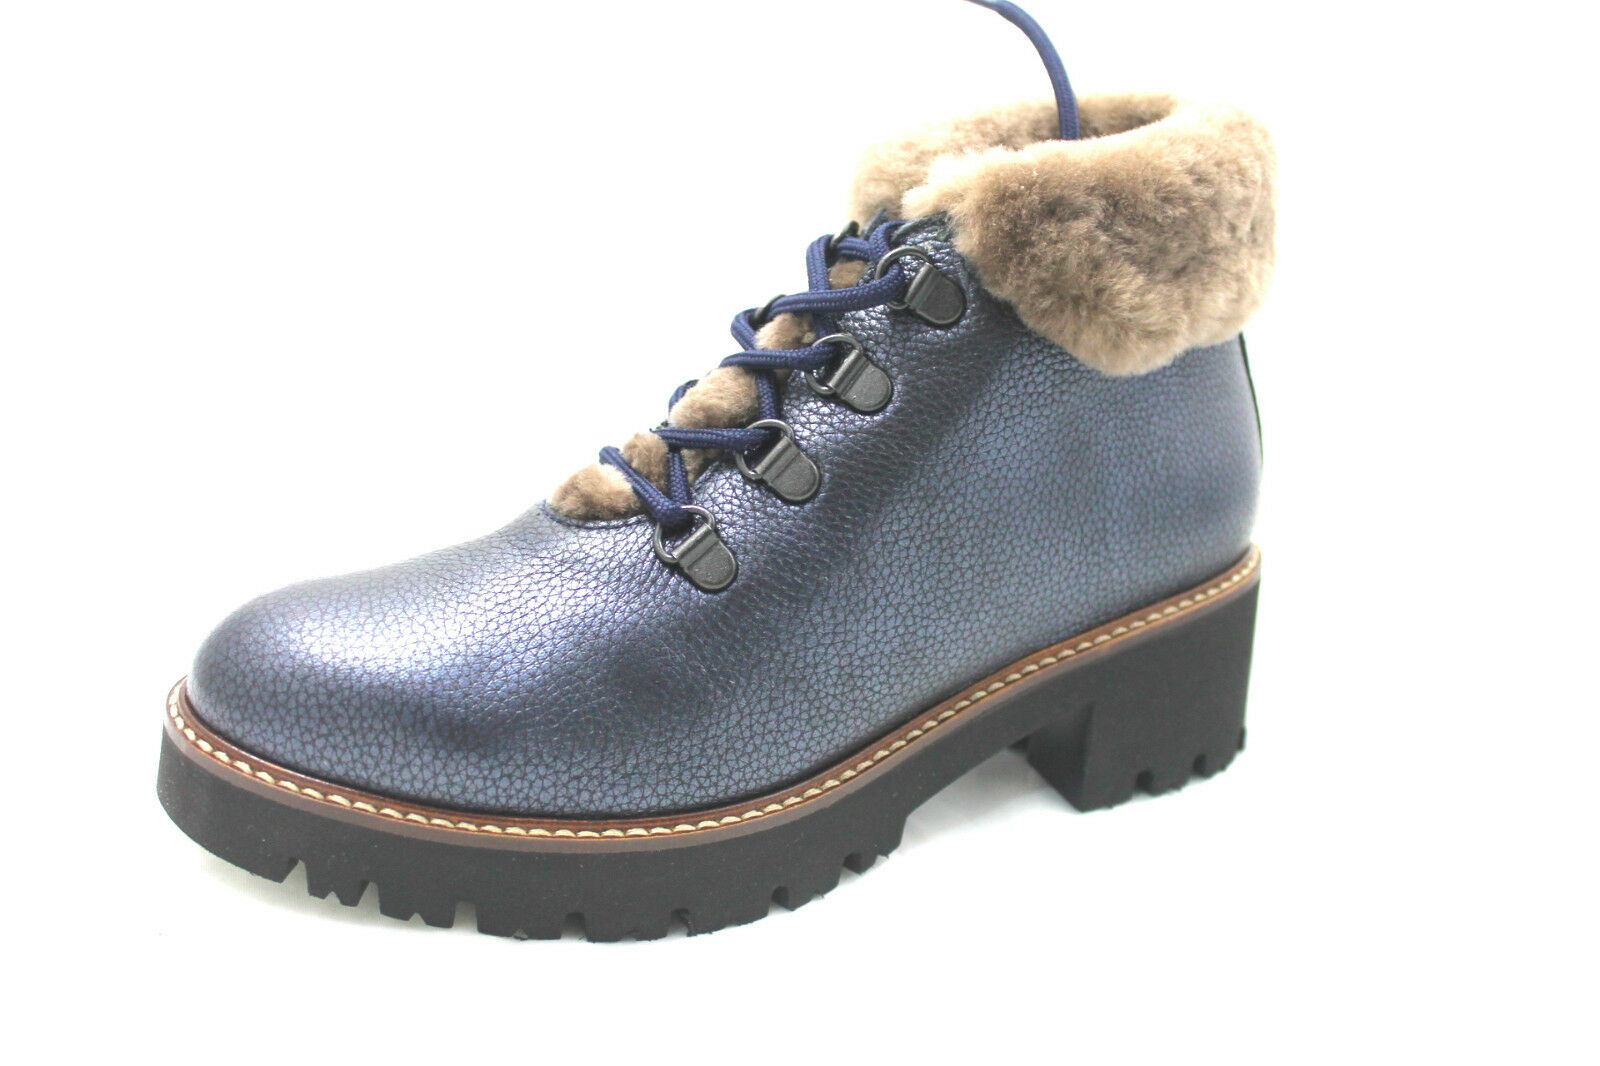 scarpa donna callaghan13419 blu scarponcino pelliccia allacciato cararmato light